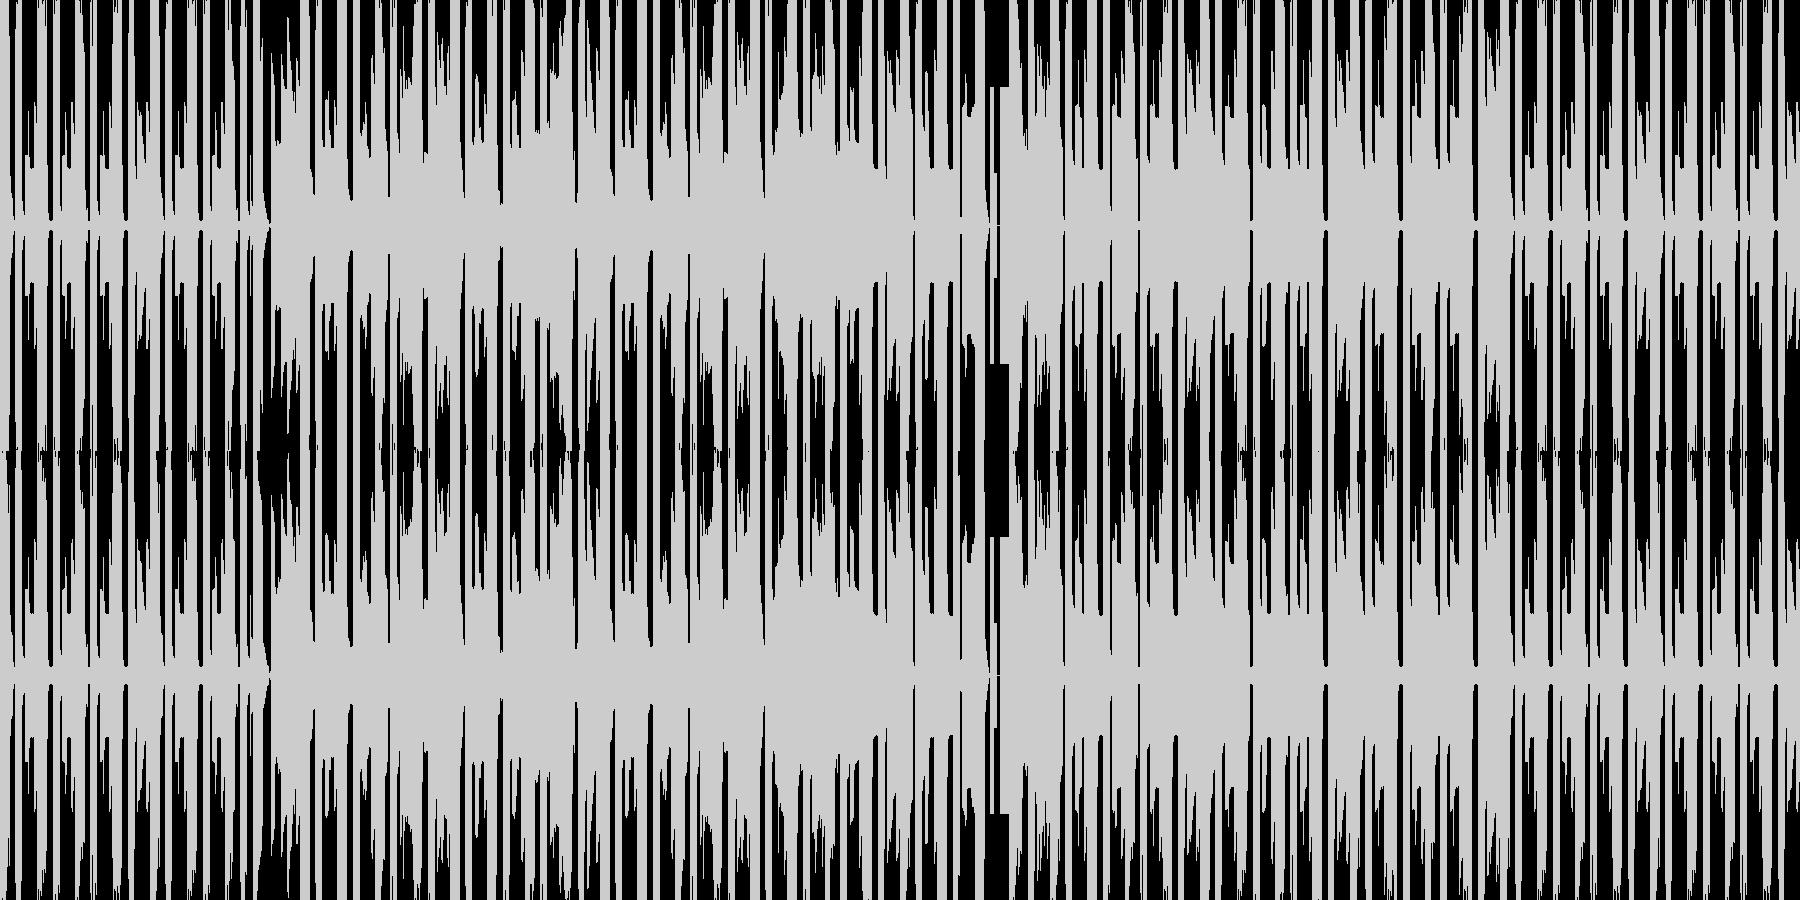 チップチューン風の作戦会議的なBGMの未再生の波形